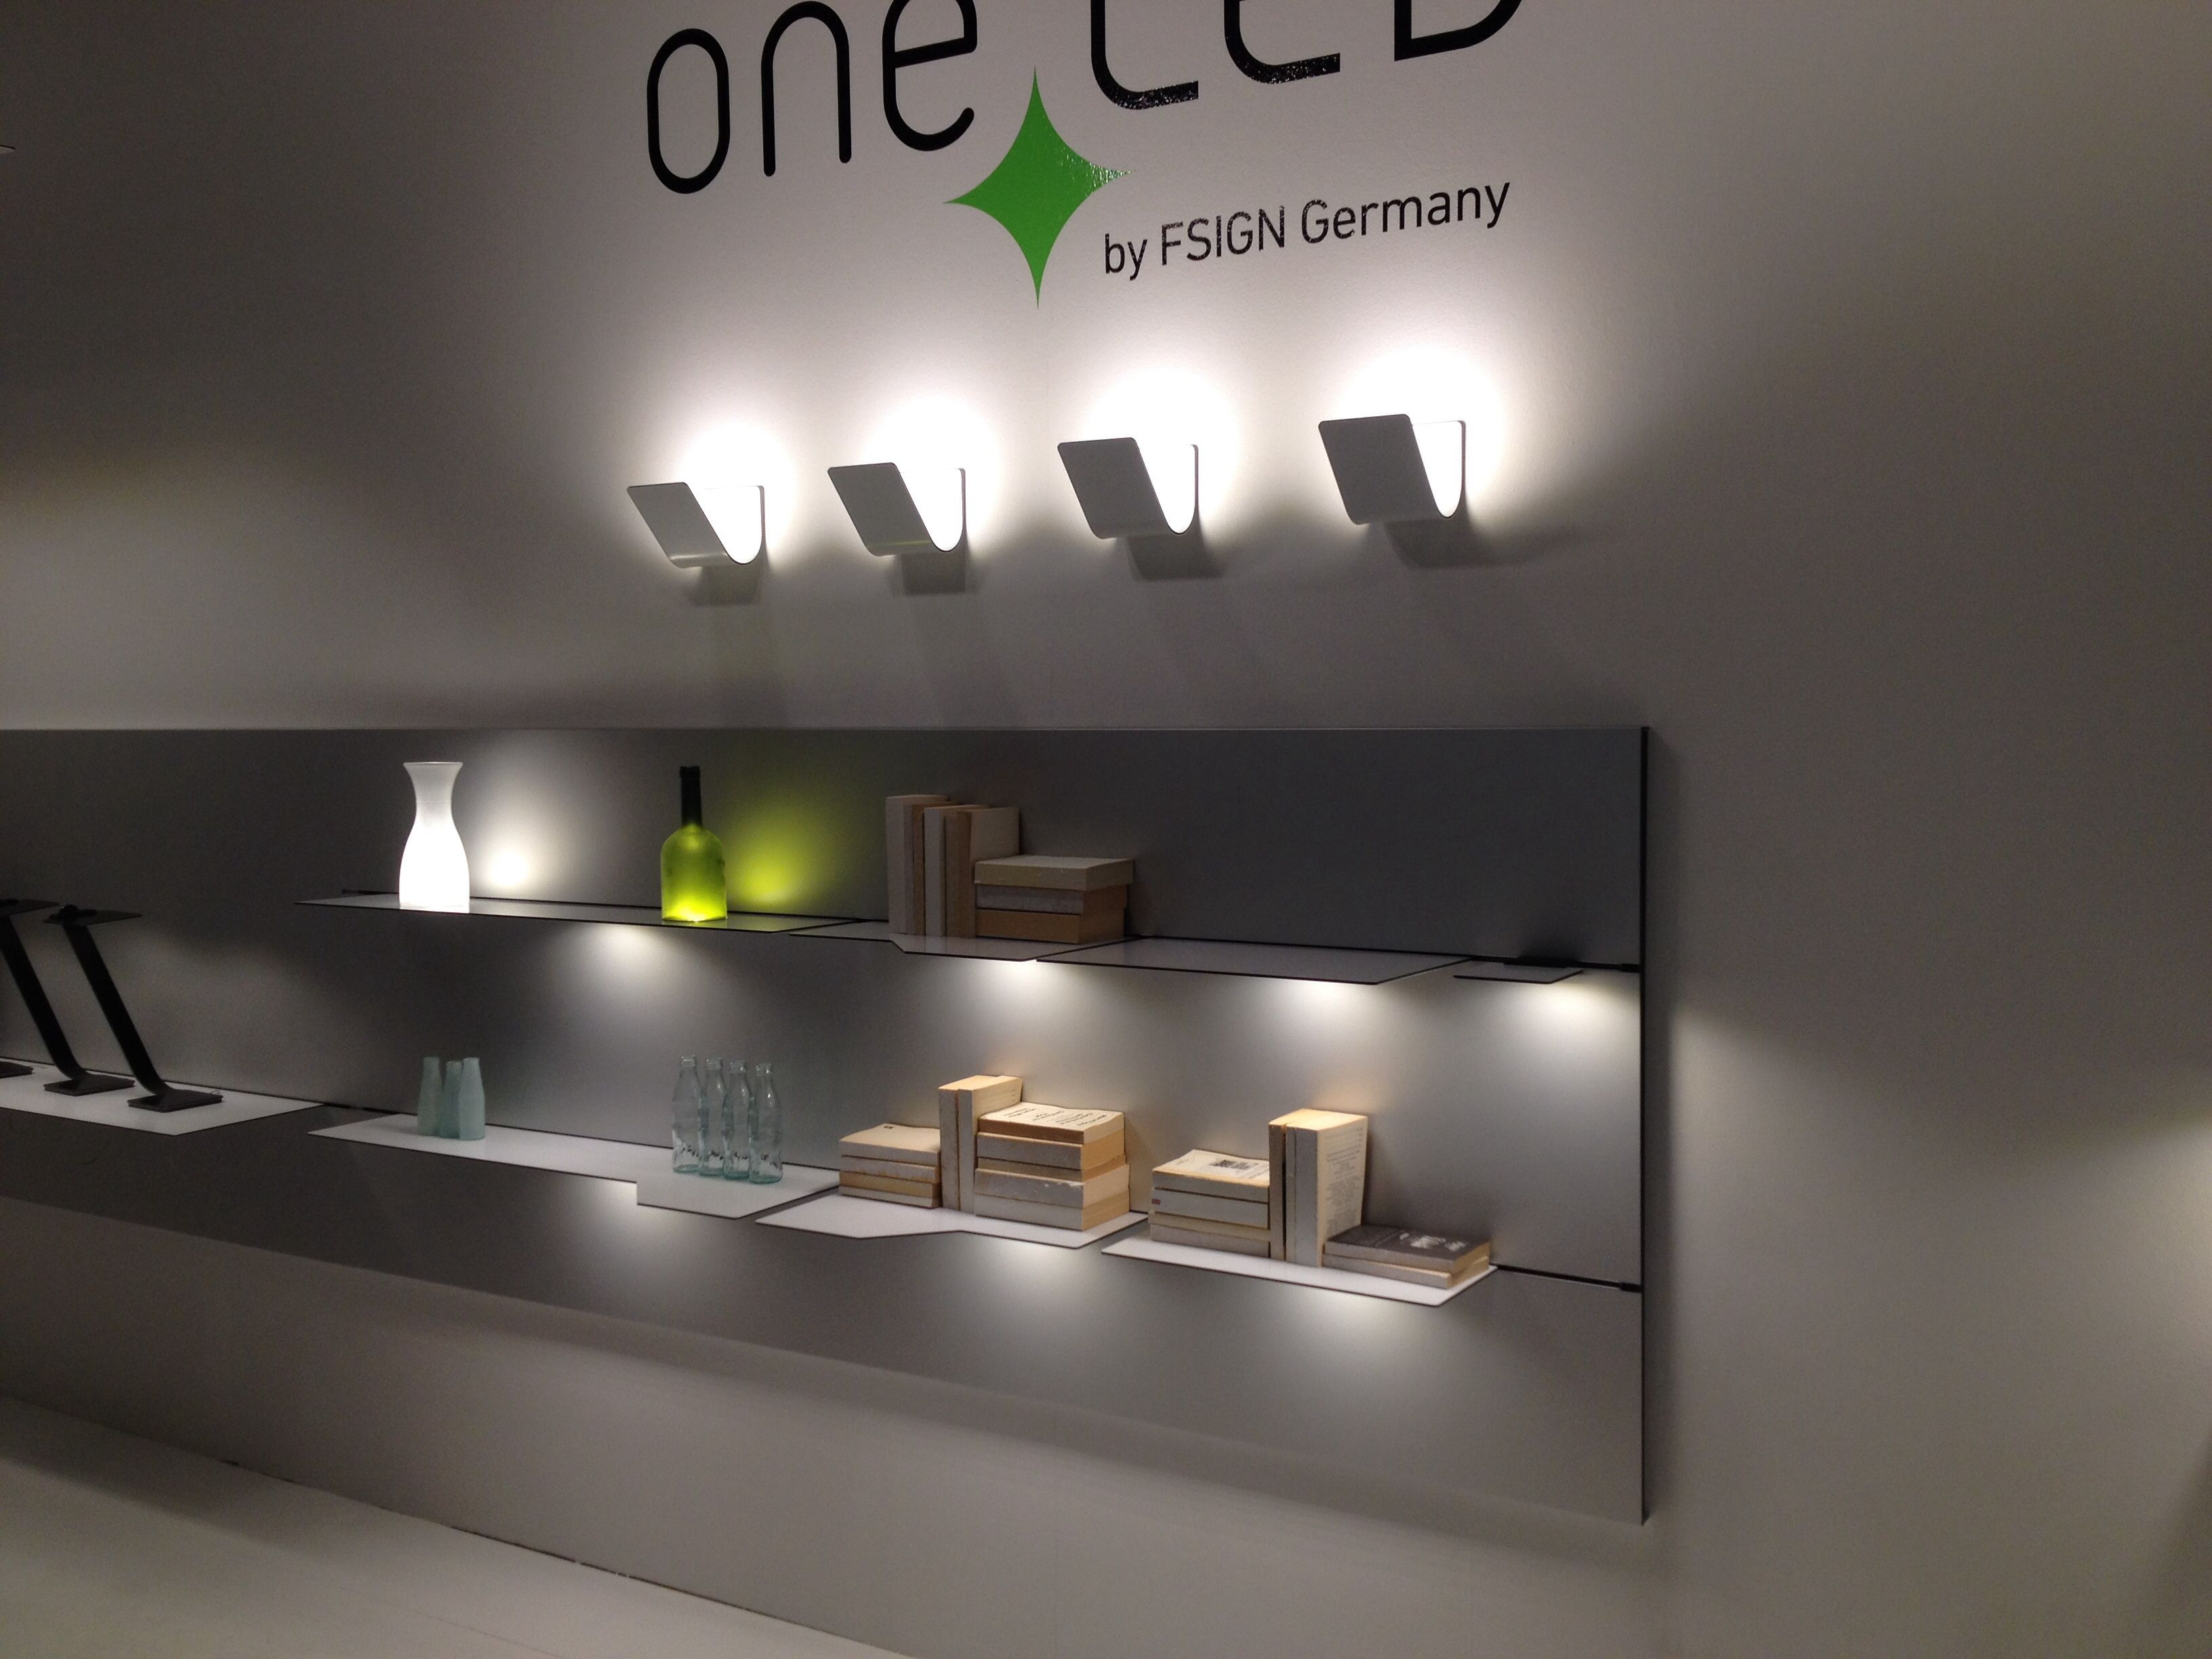 Neue led leuchten Serie oneled by Fsign . LED und mehr